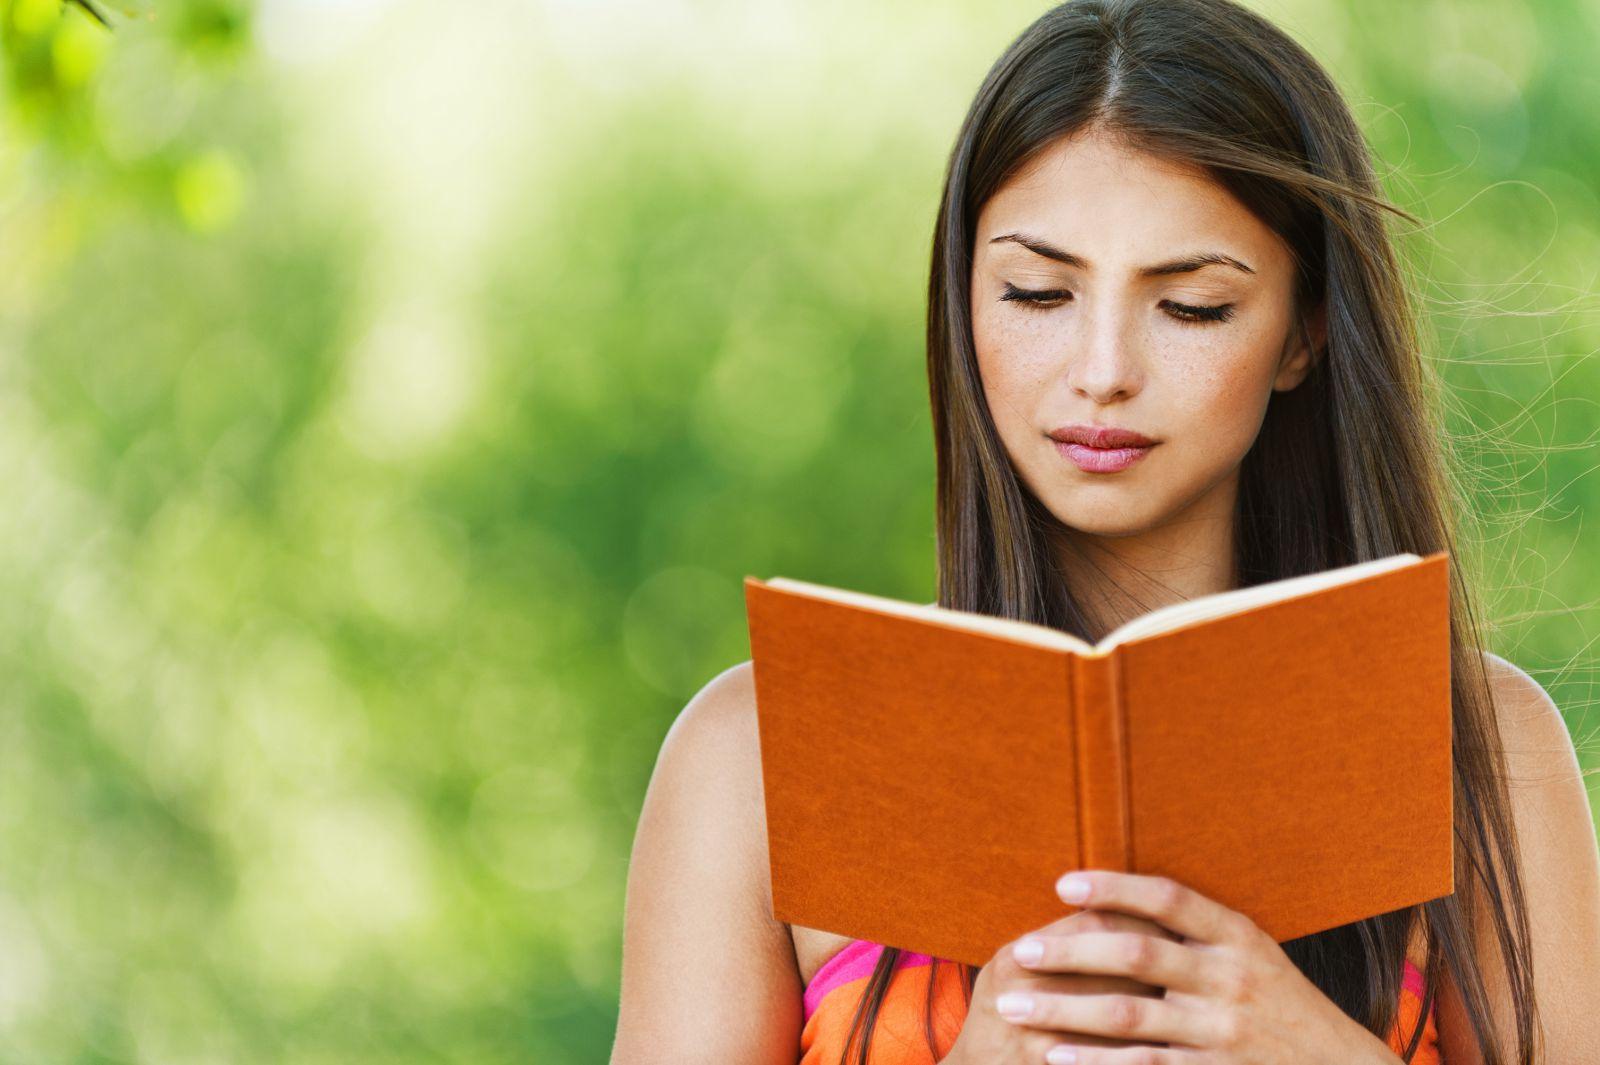 Фото девушки с книгой в руках фото